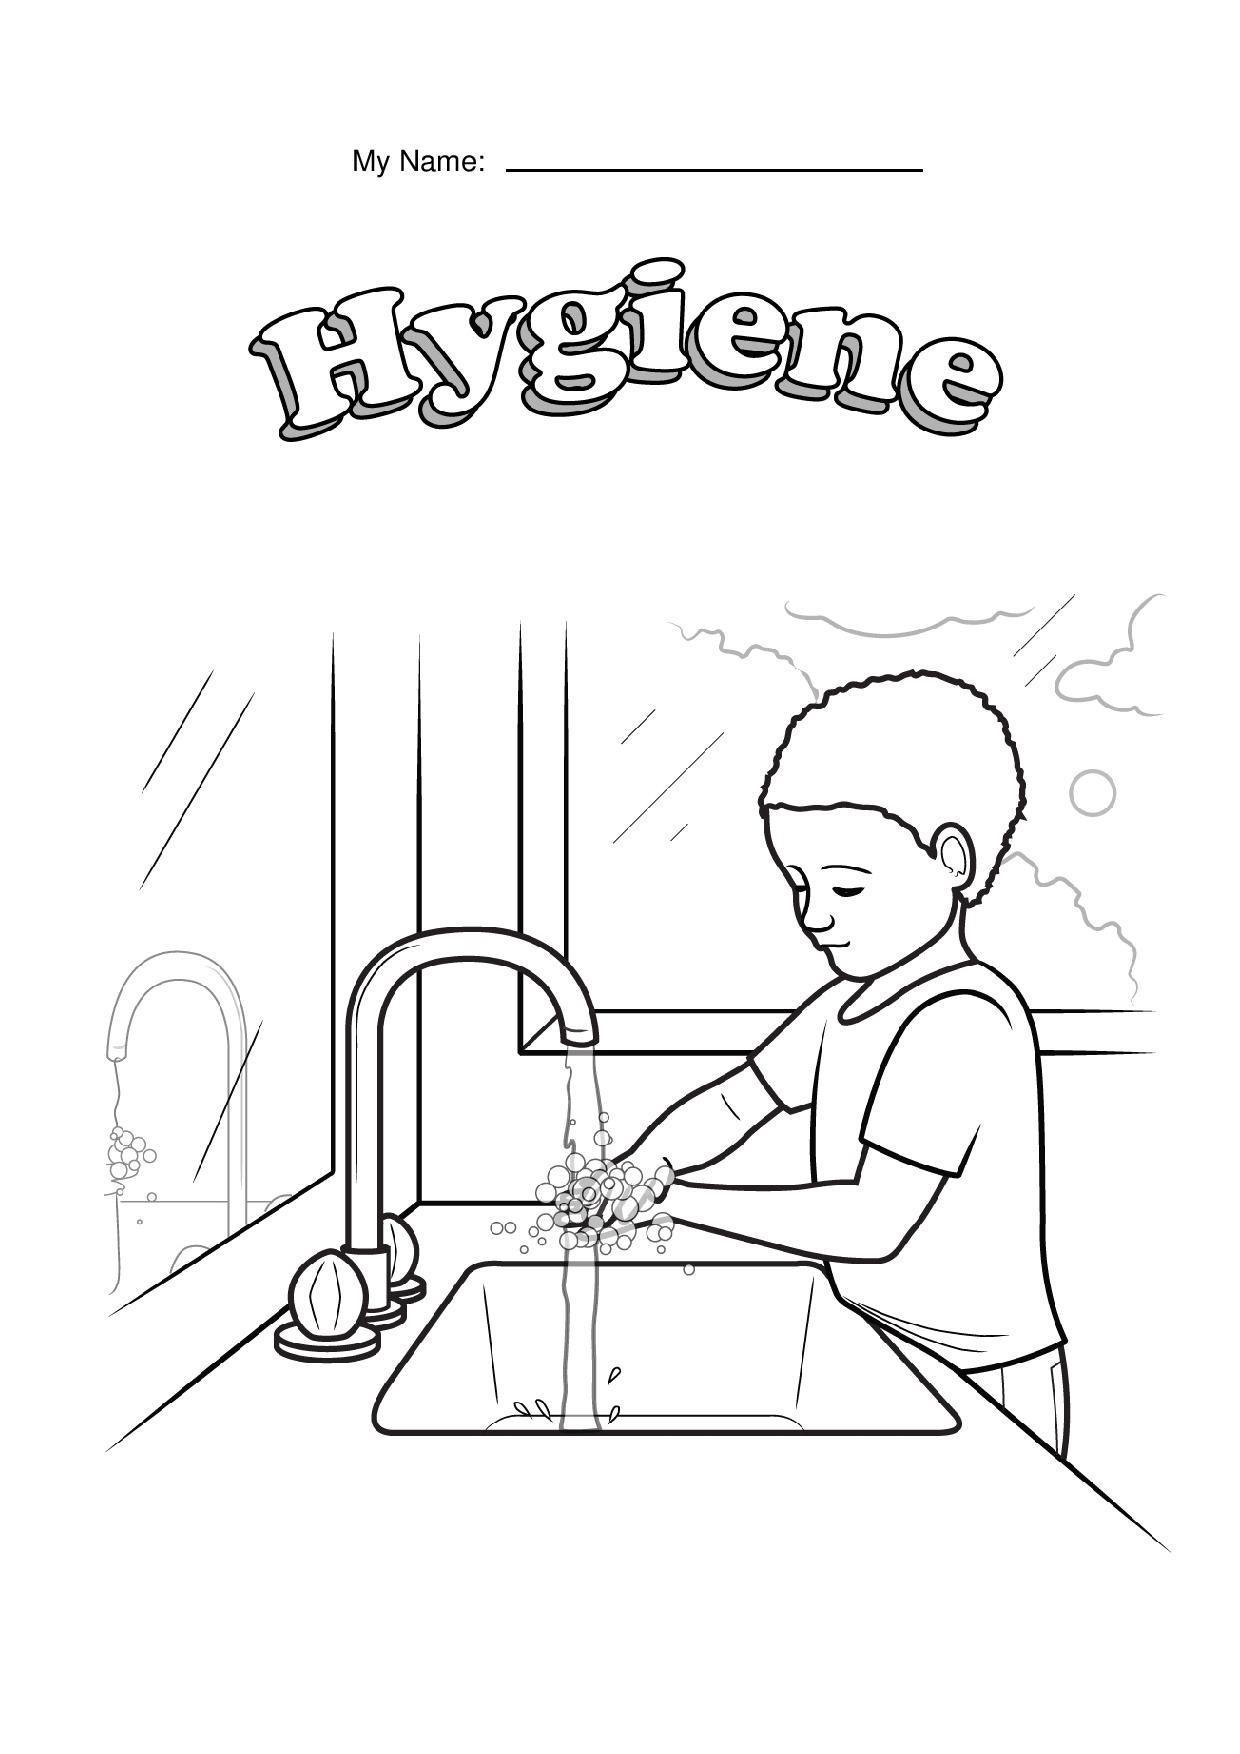 Hygiene Glyph Page 004 1 240 1 754 Pixels